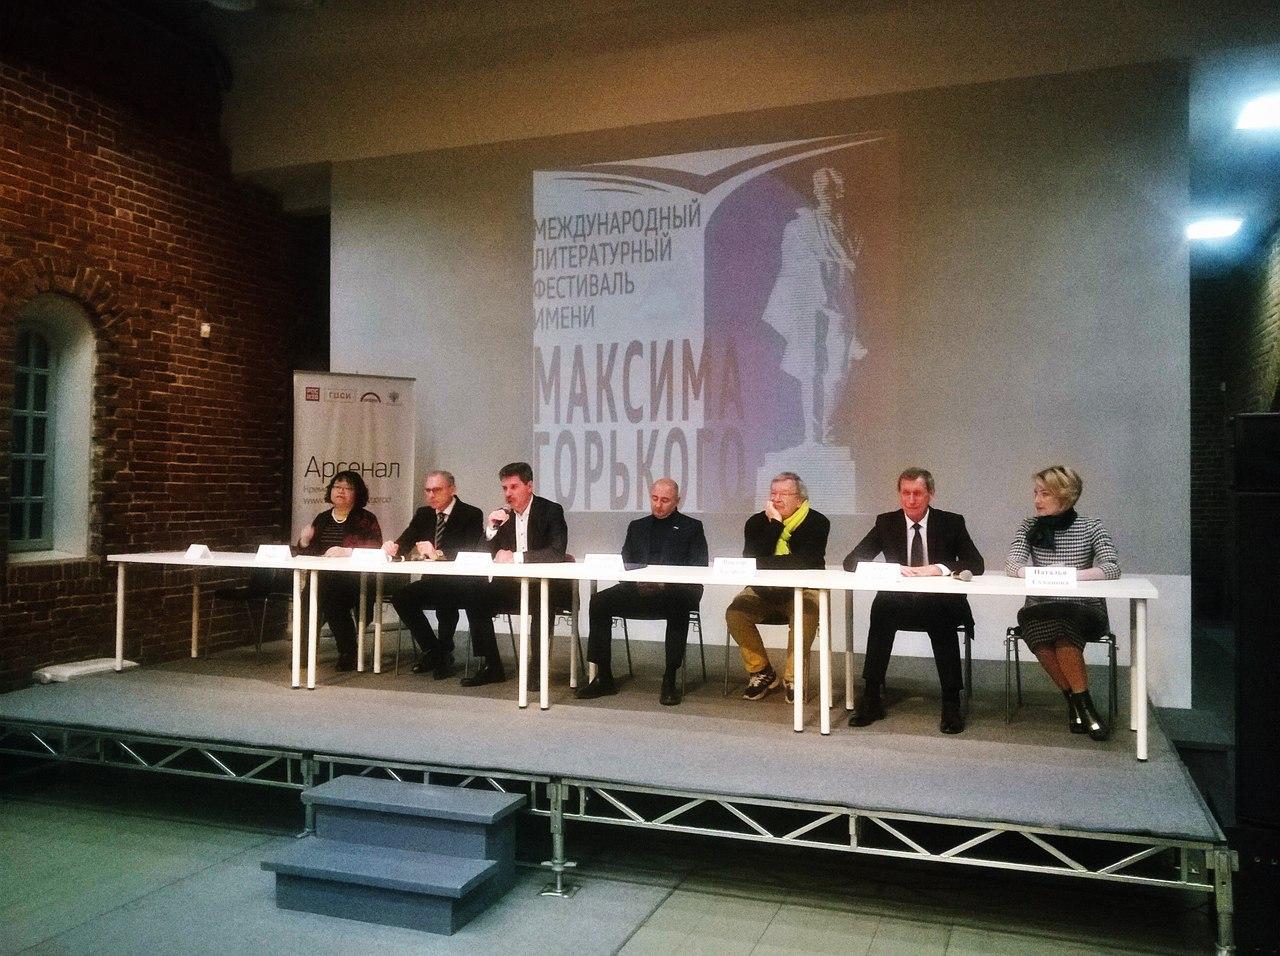 Горьковский фестиваль открылся вНижнем Новгороде